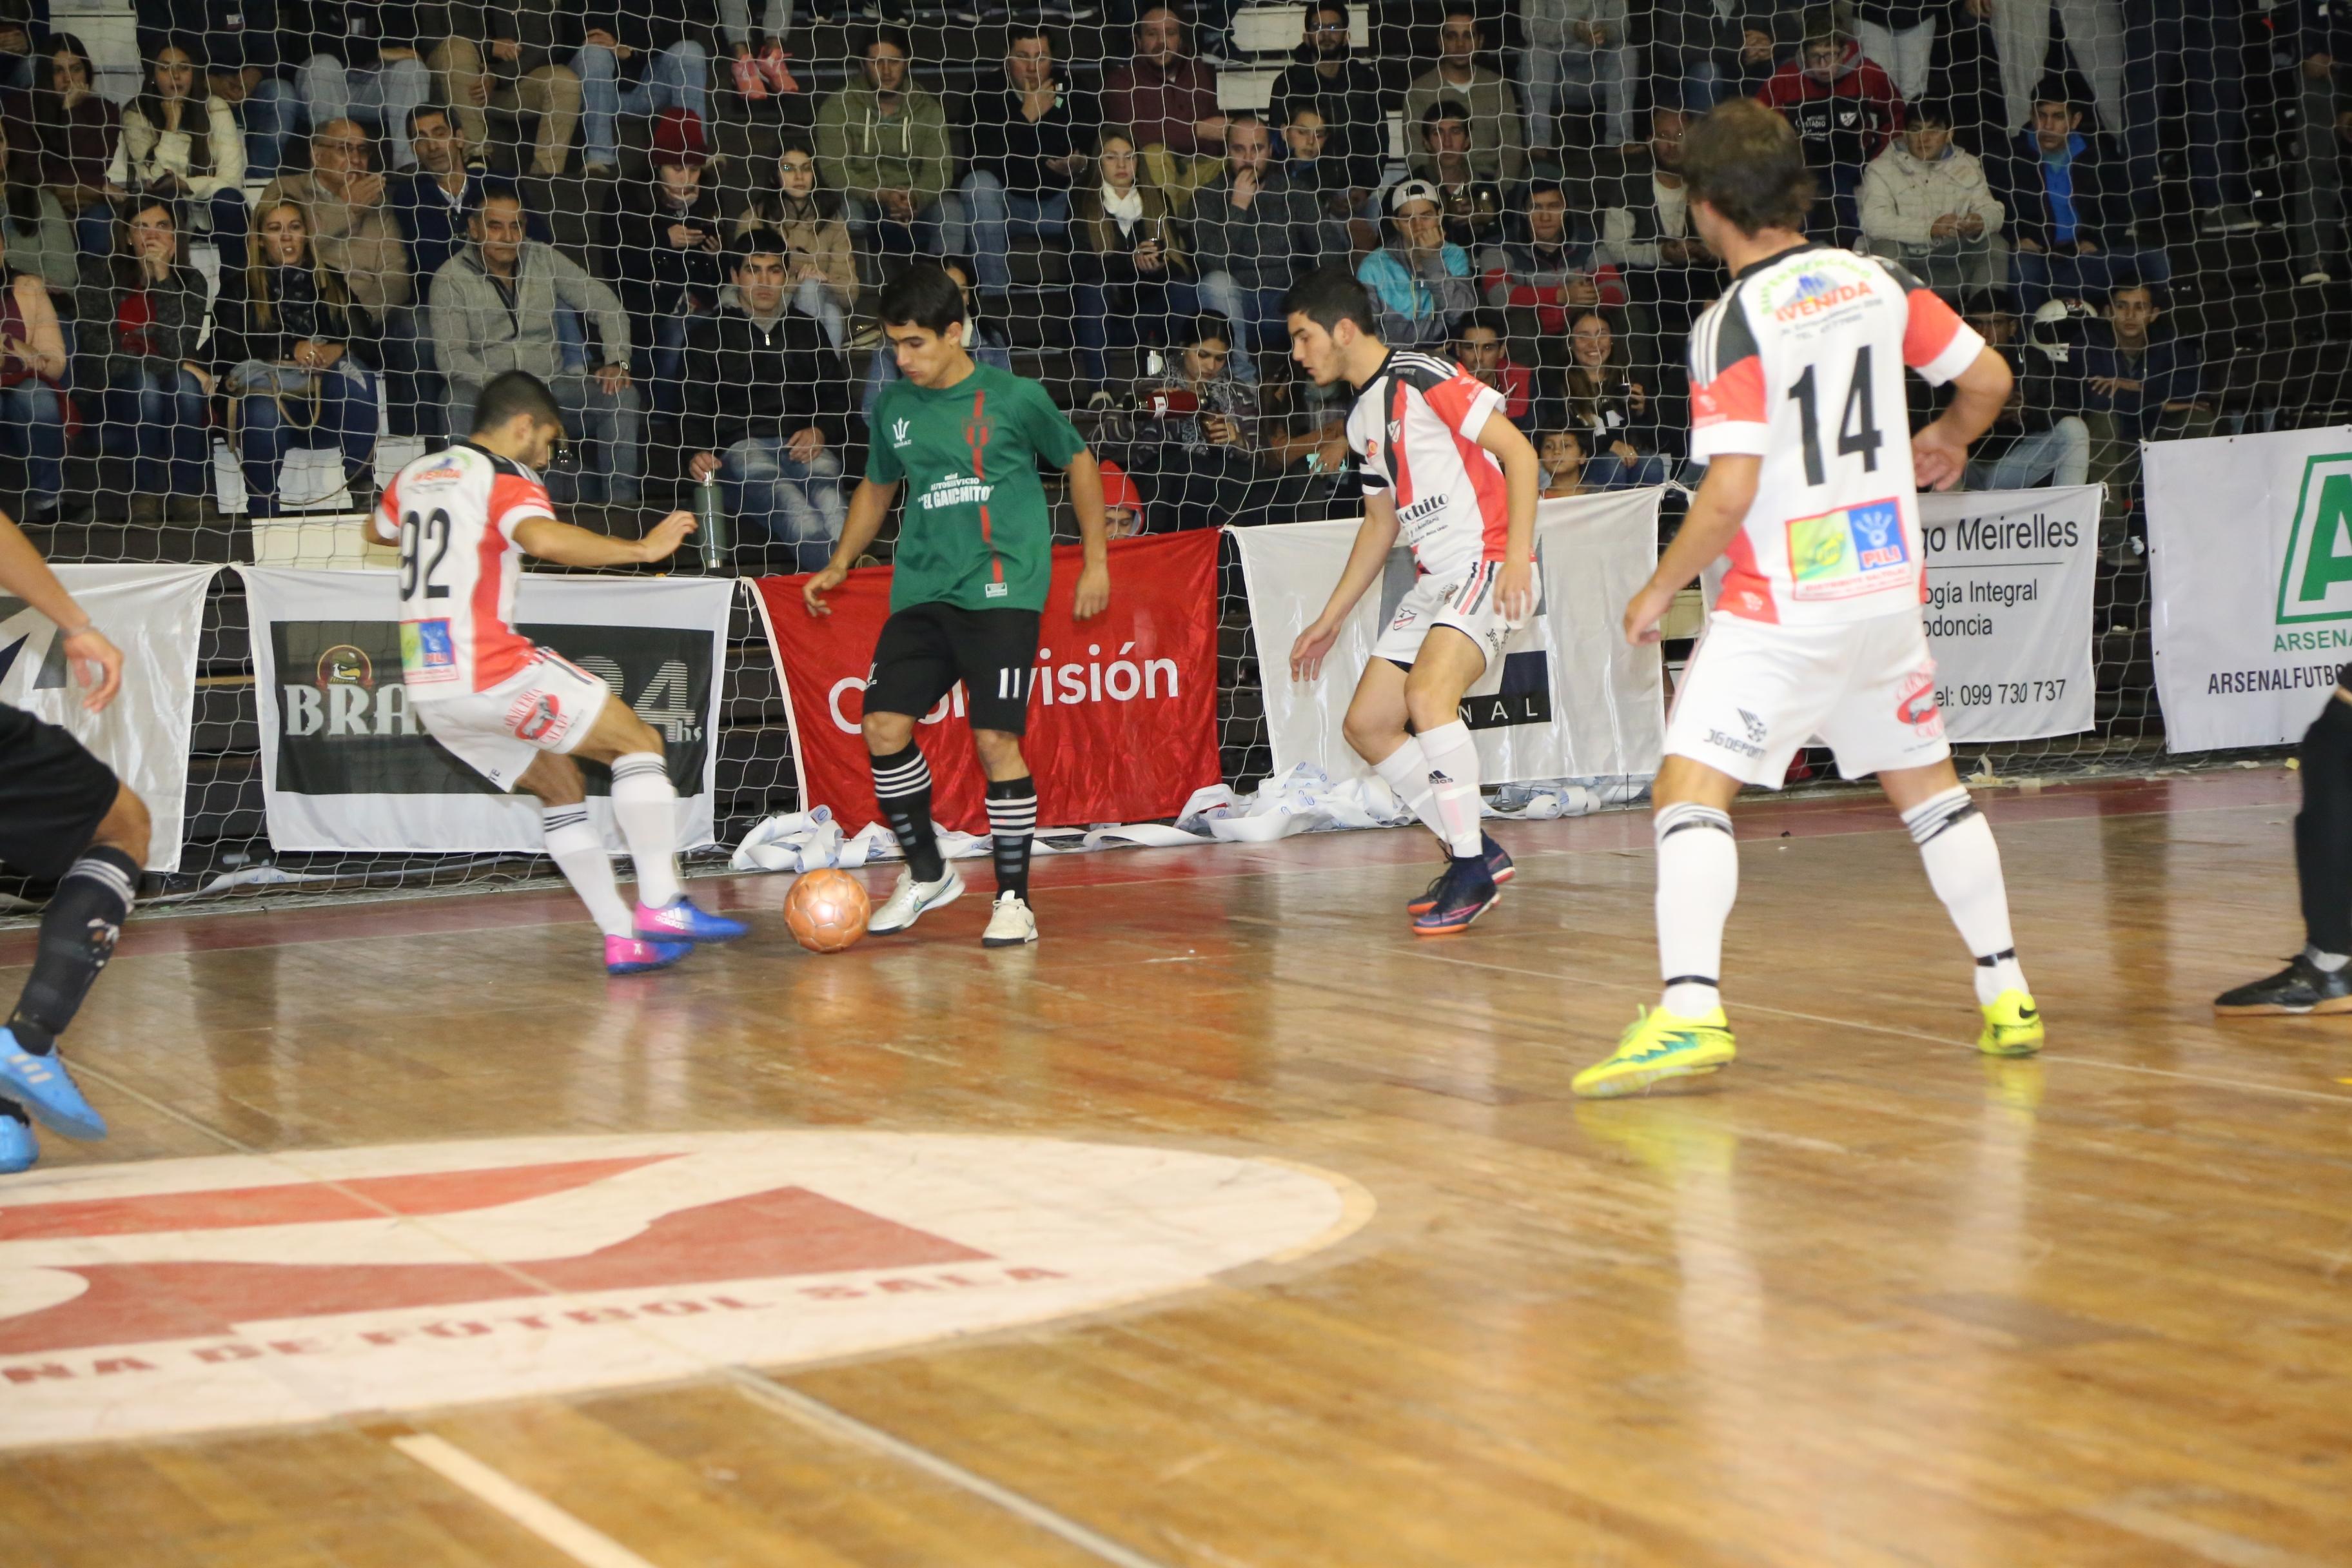 6a6ee5fb64 Incidencia del partido final por el segundo ascenso entre Atlético Juventus  (10) vs Almagro